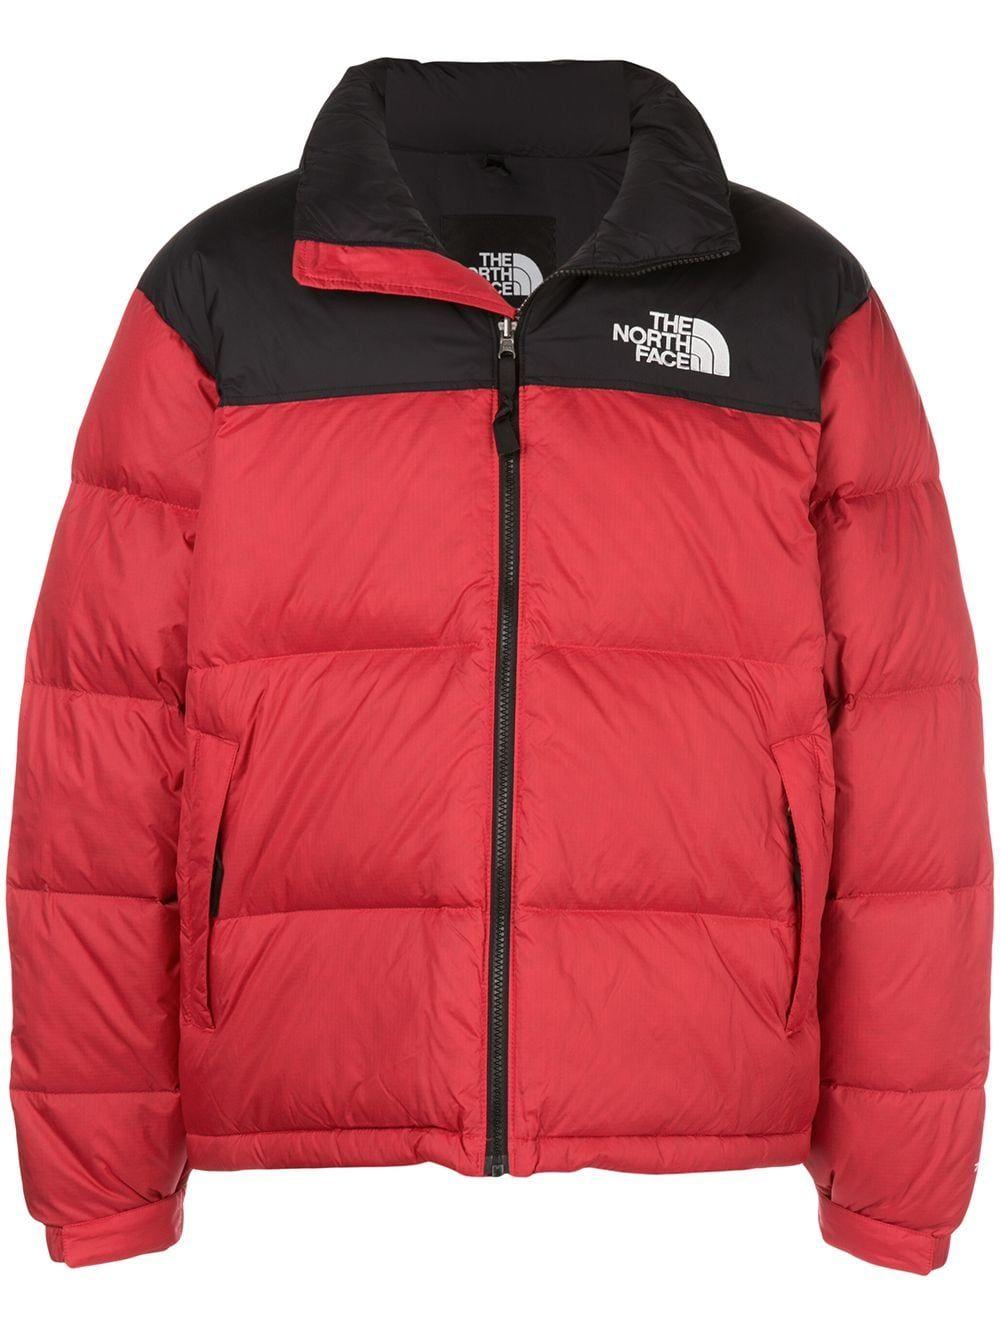 The North Face 1996 Retro Nuptse Jacket Farfetch The North Face Red Jacket North Face Jacket [ 1334 x 1000 Pixel ]